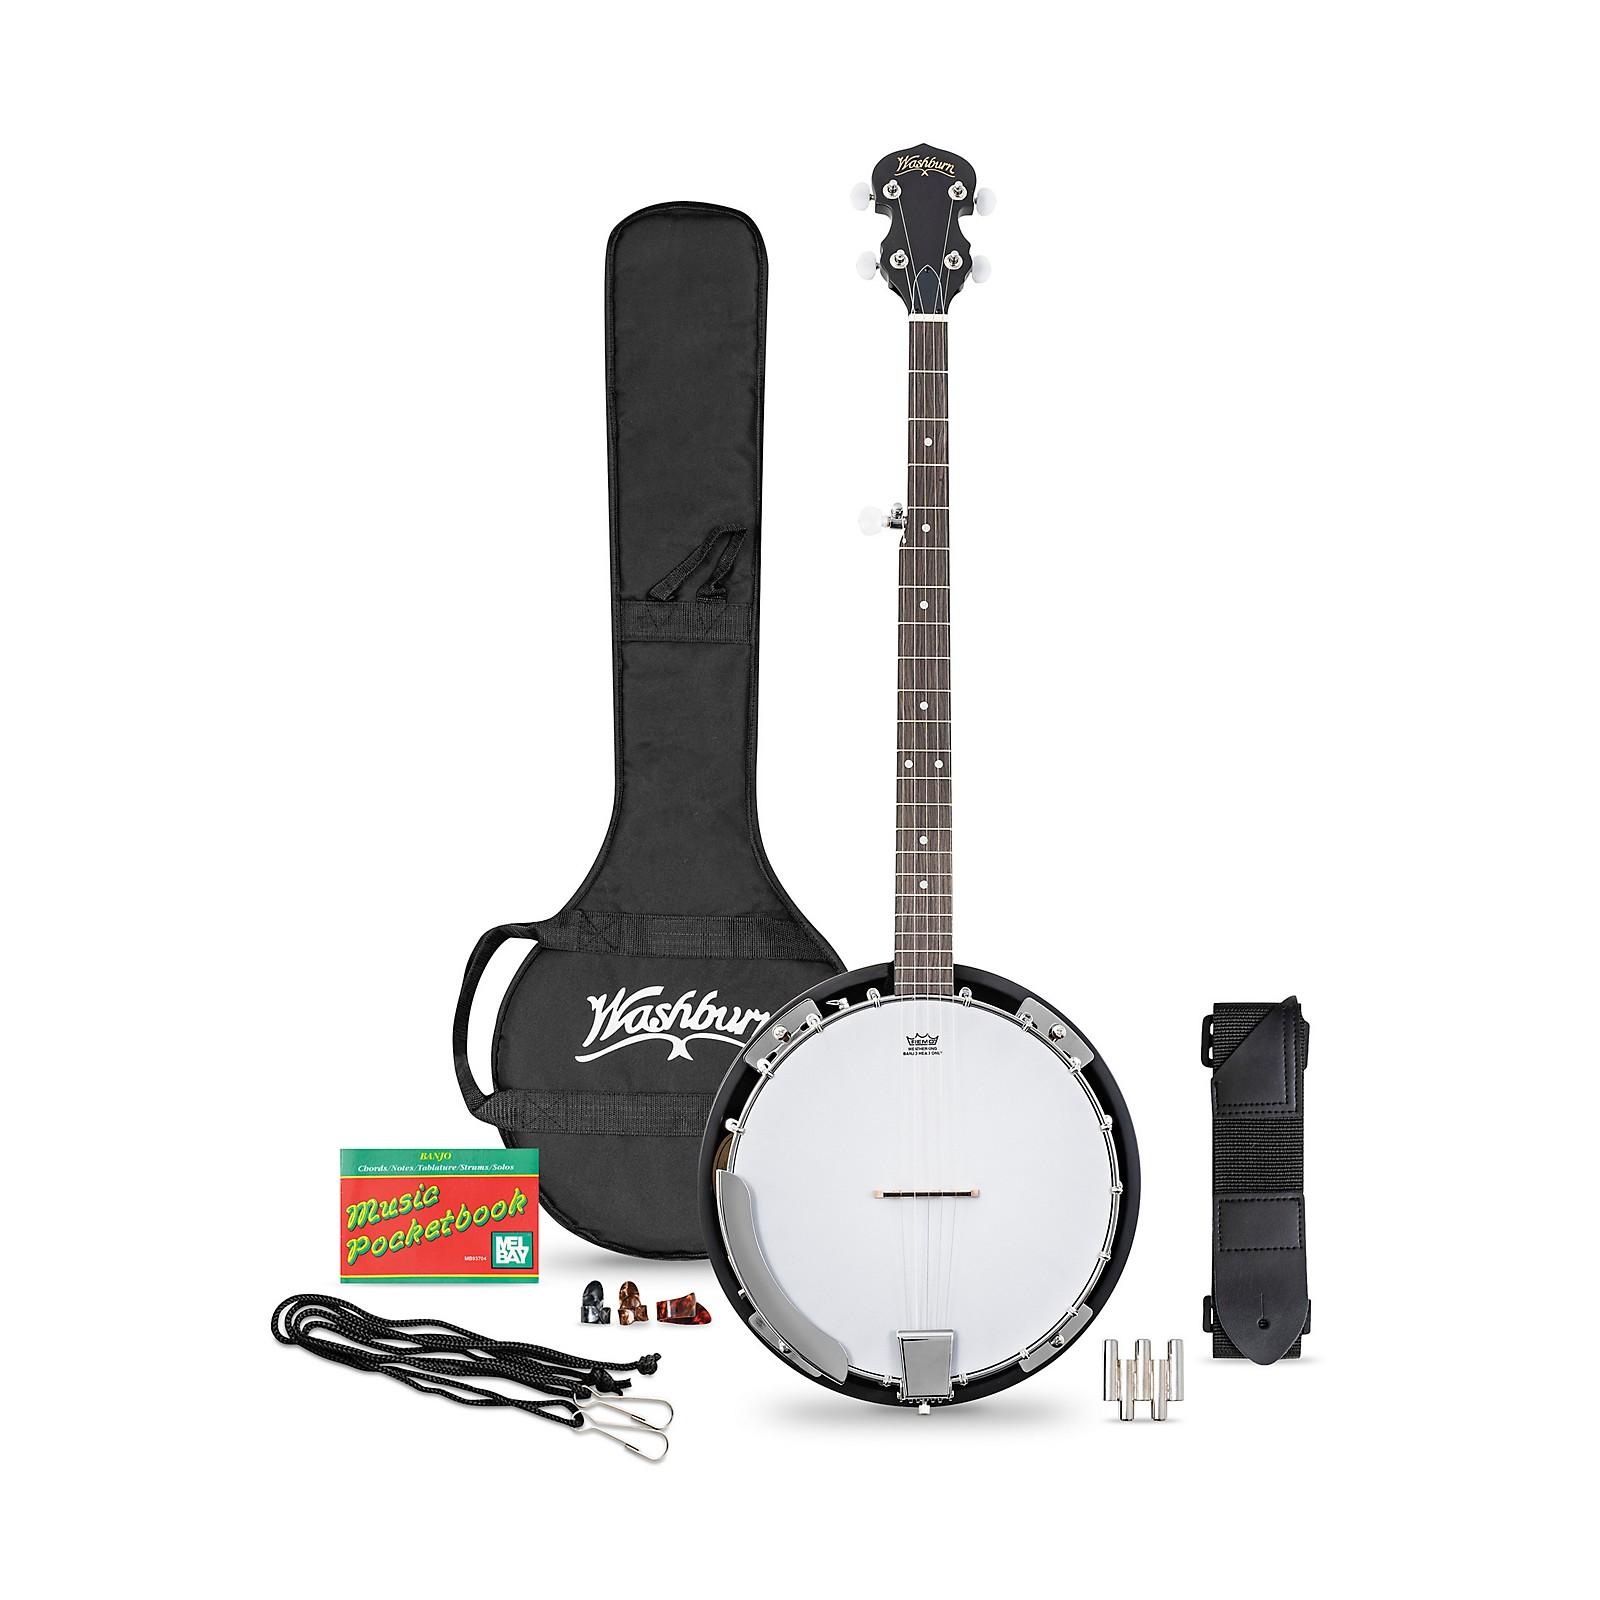 Washburn B8K Banjo Pak